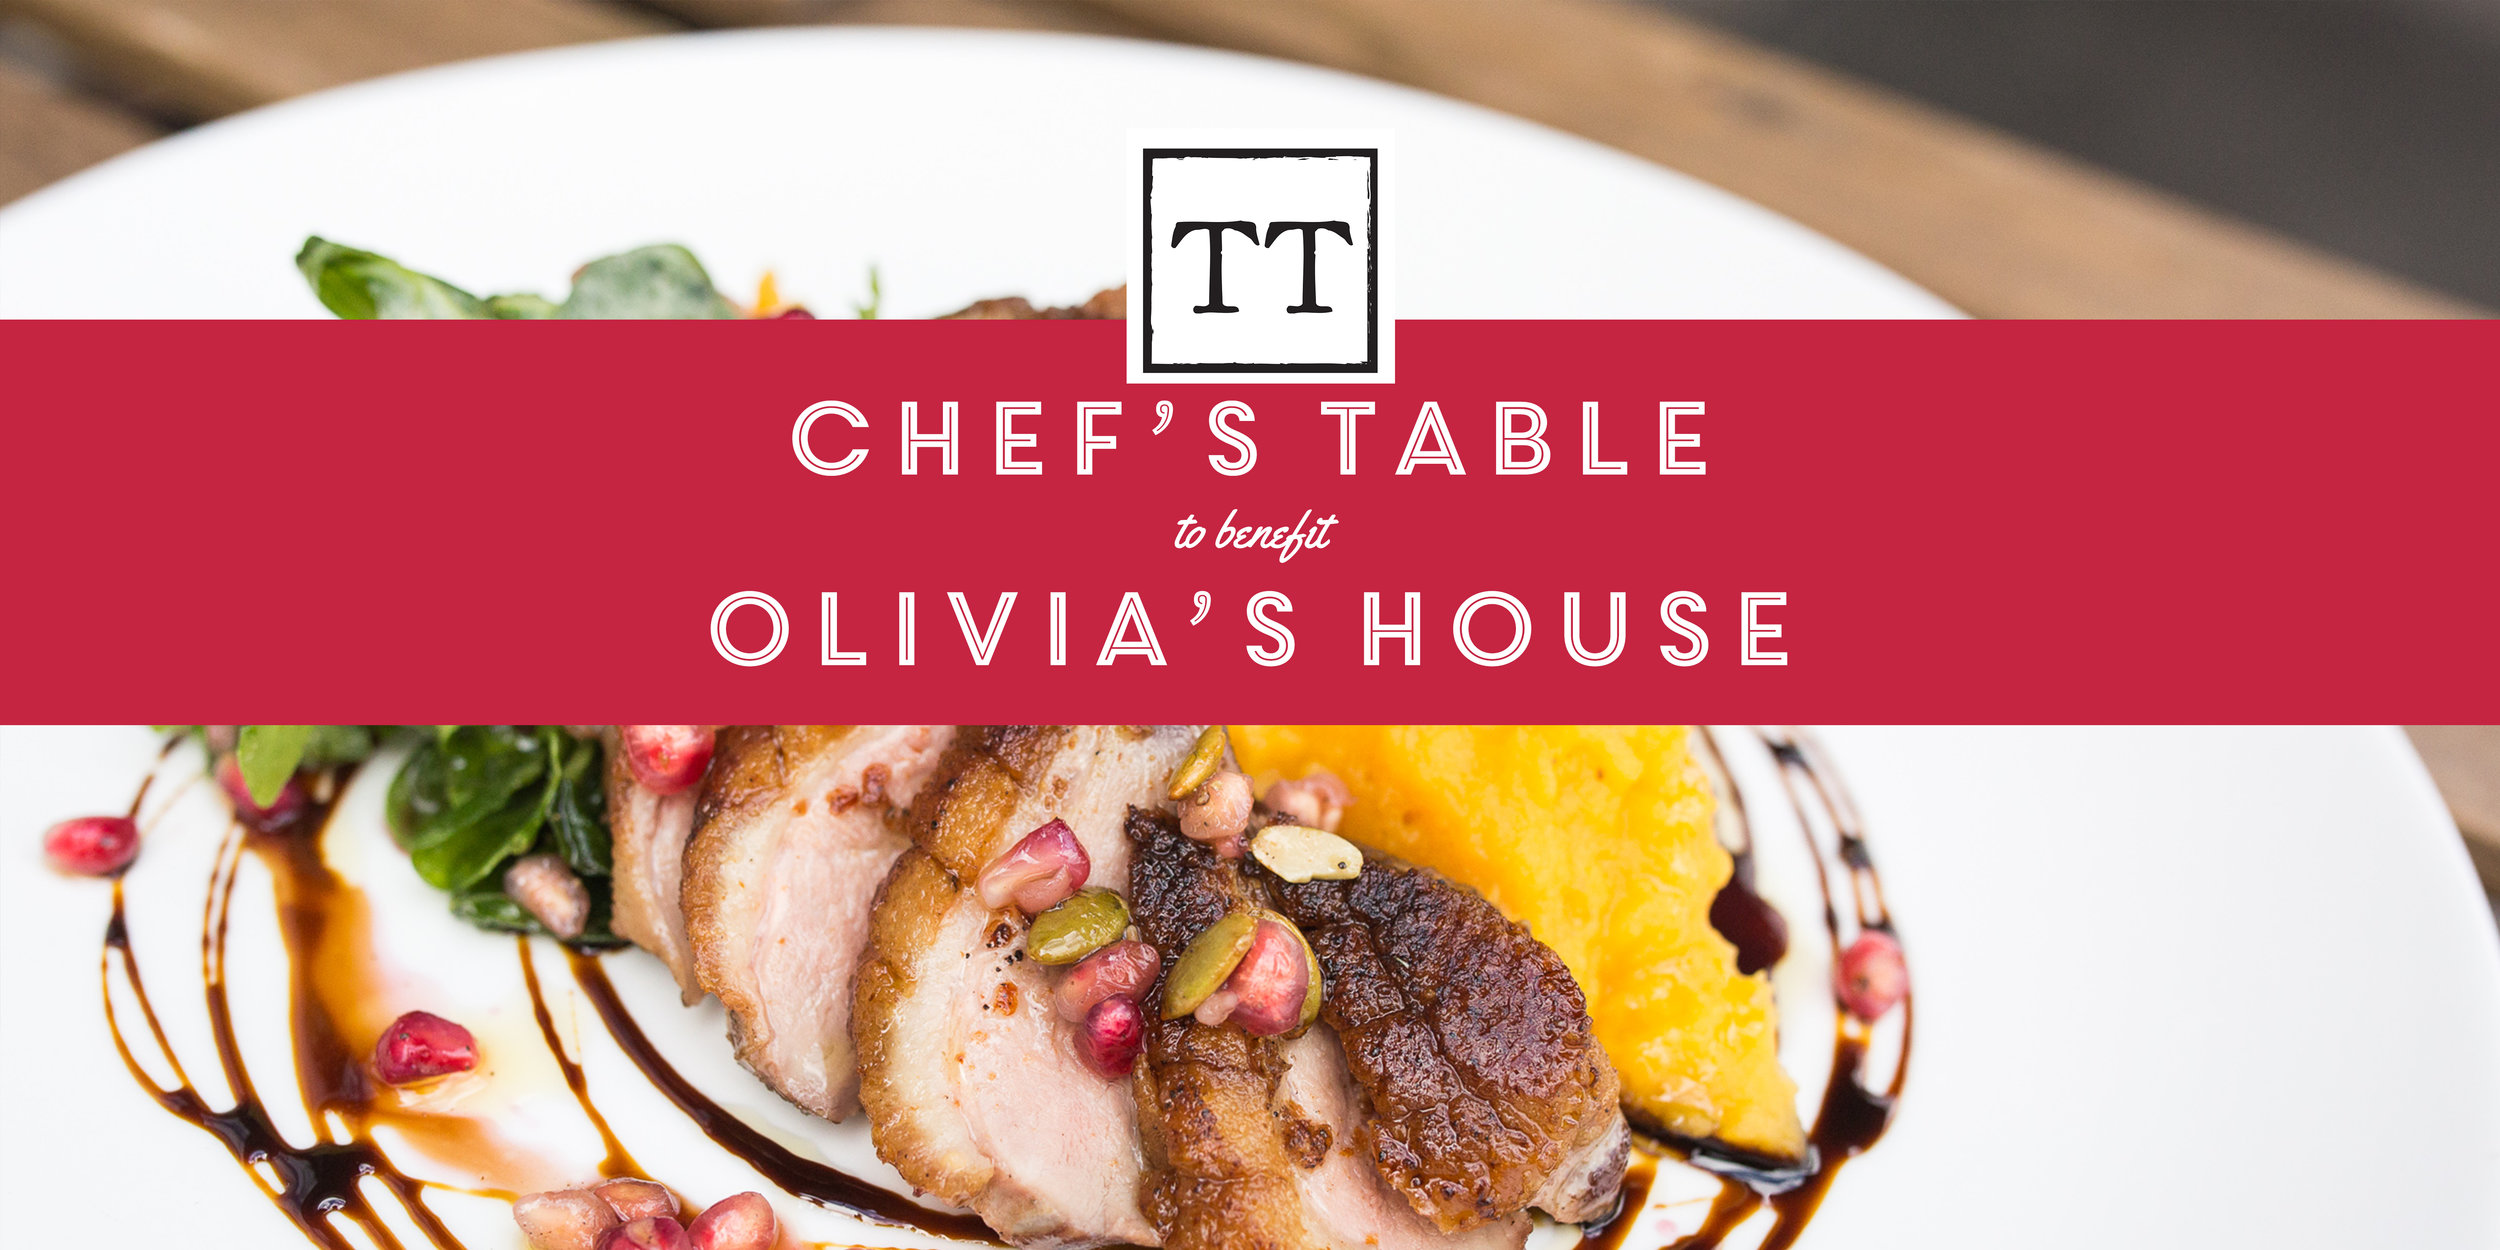 olivias house chefs table.jpg